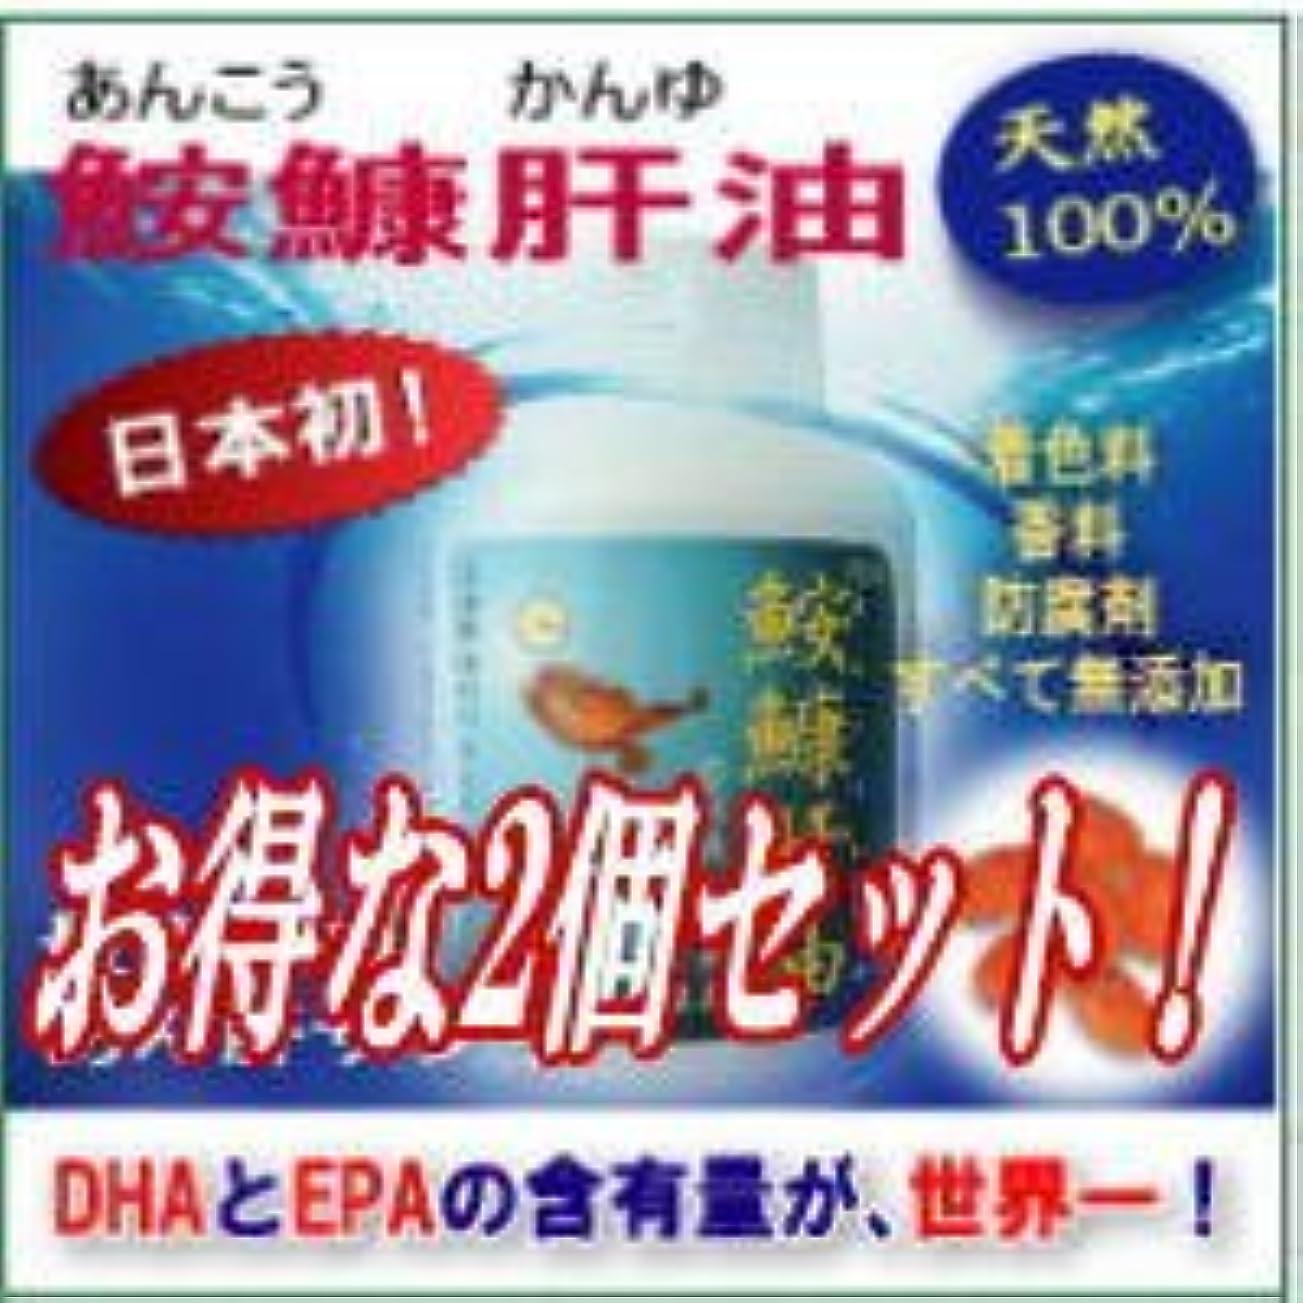 喜ぶデジタルきょうだい【 鮟鱇肝油(あんこうかんゆ) お得な2個セット 】あん肝は栄養の宝庫です!DHA?EPAの含有量は他の動植物の中で世界一!